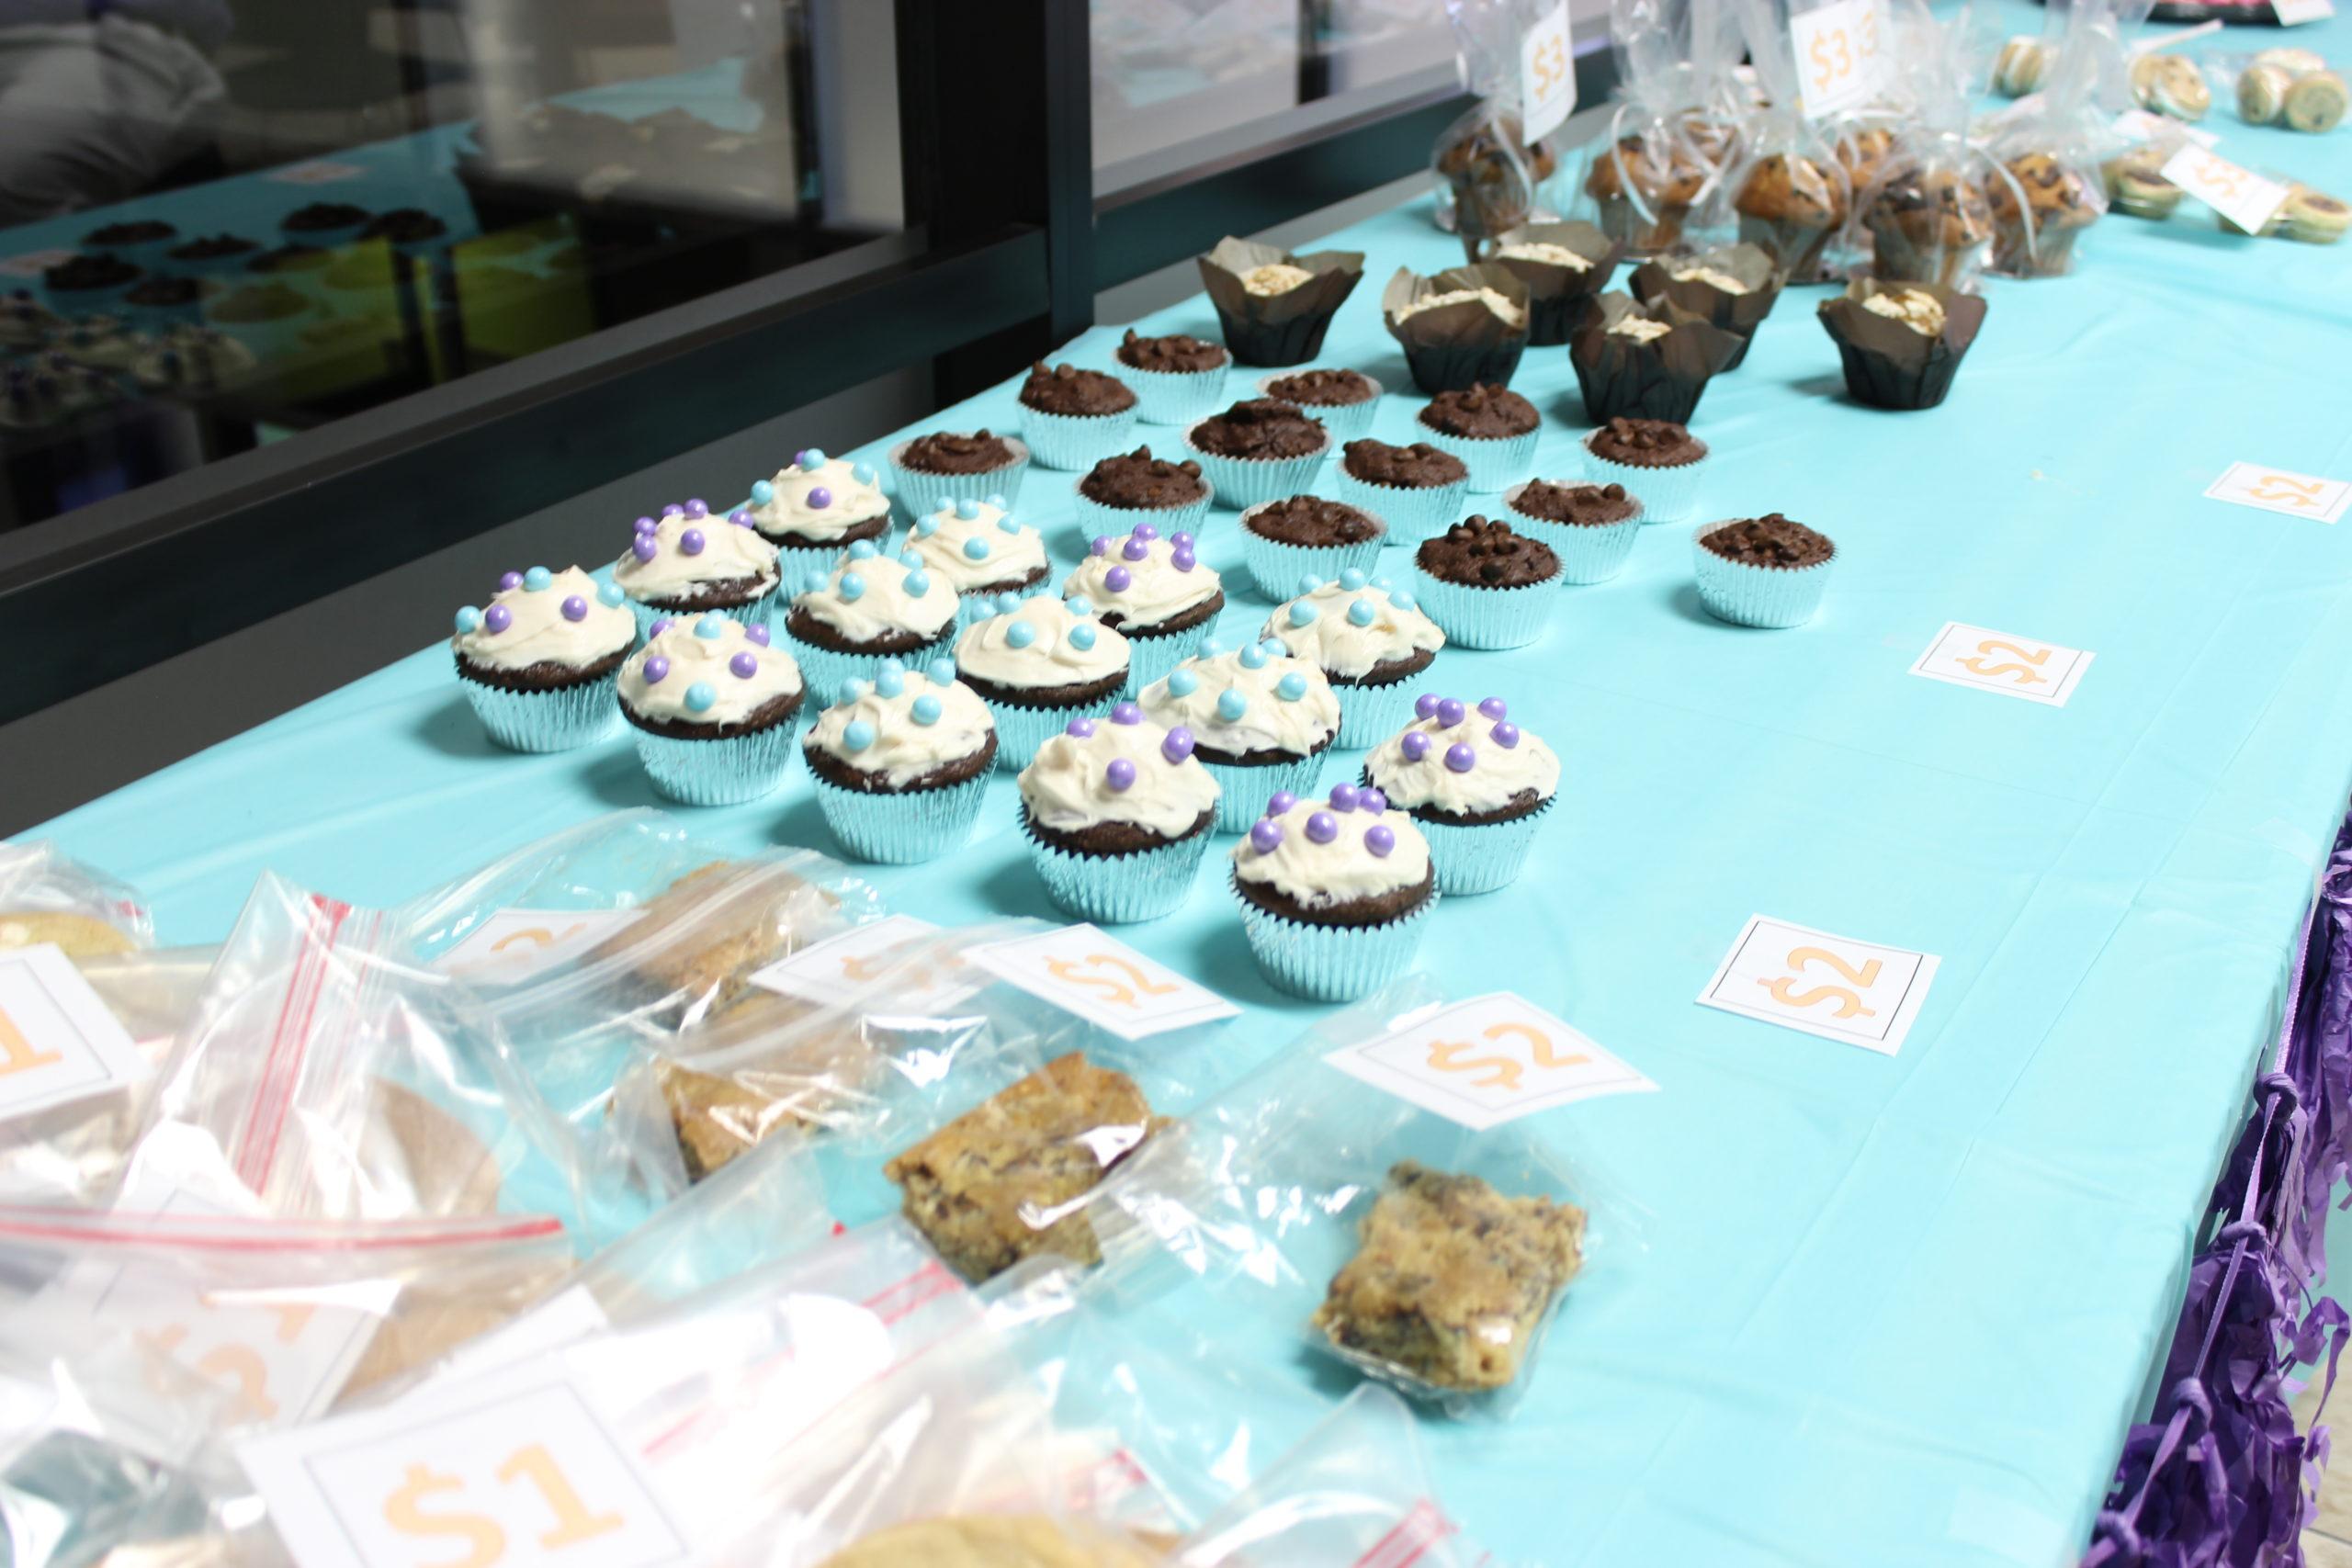 LAN Mother's Day Bake Sale